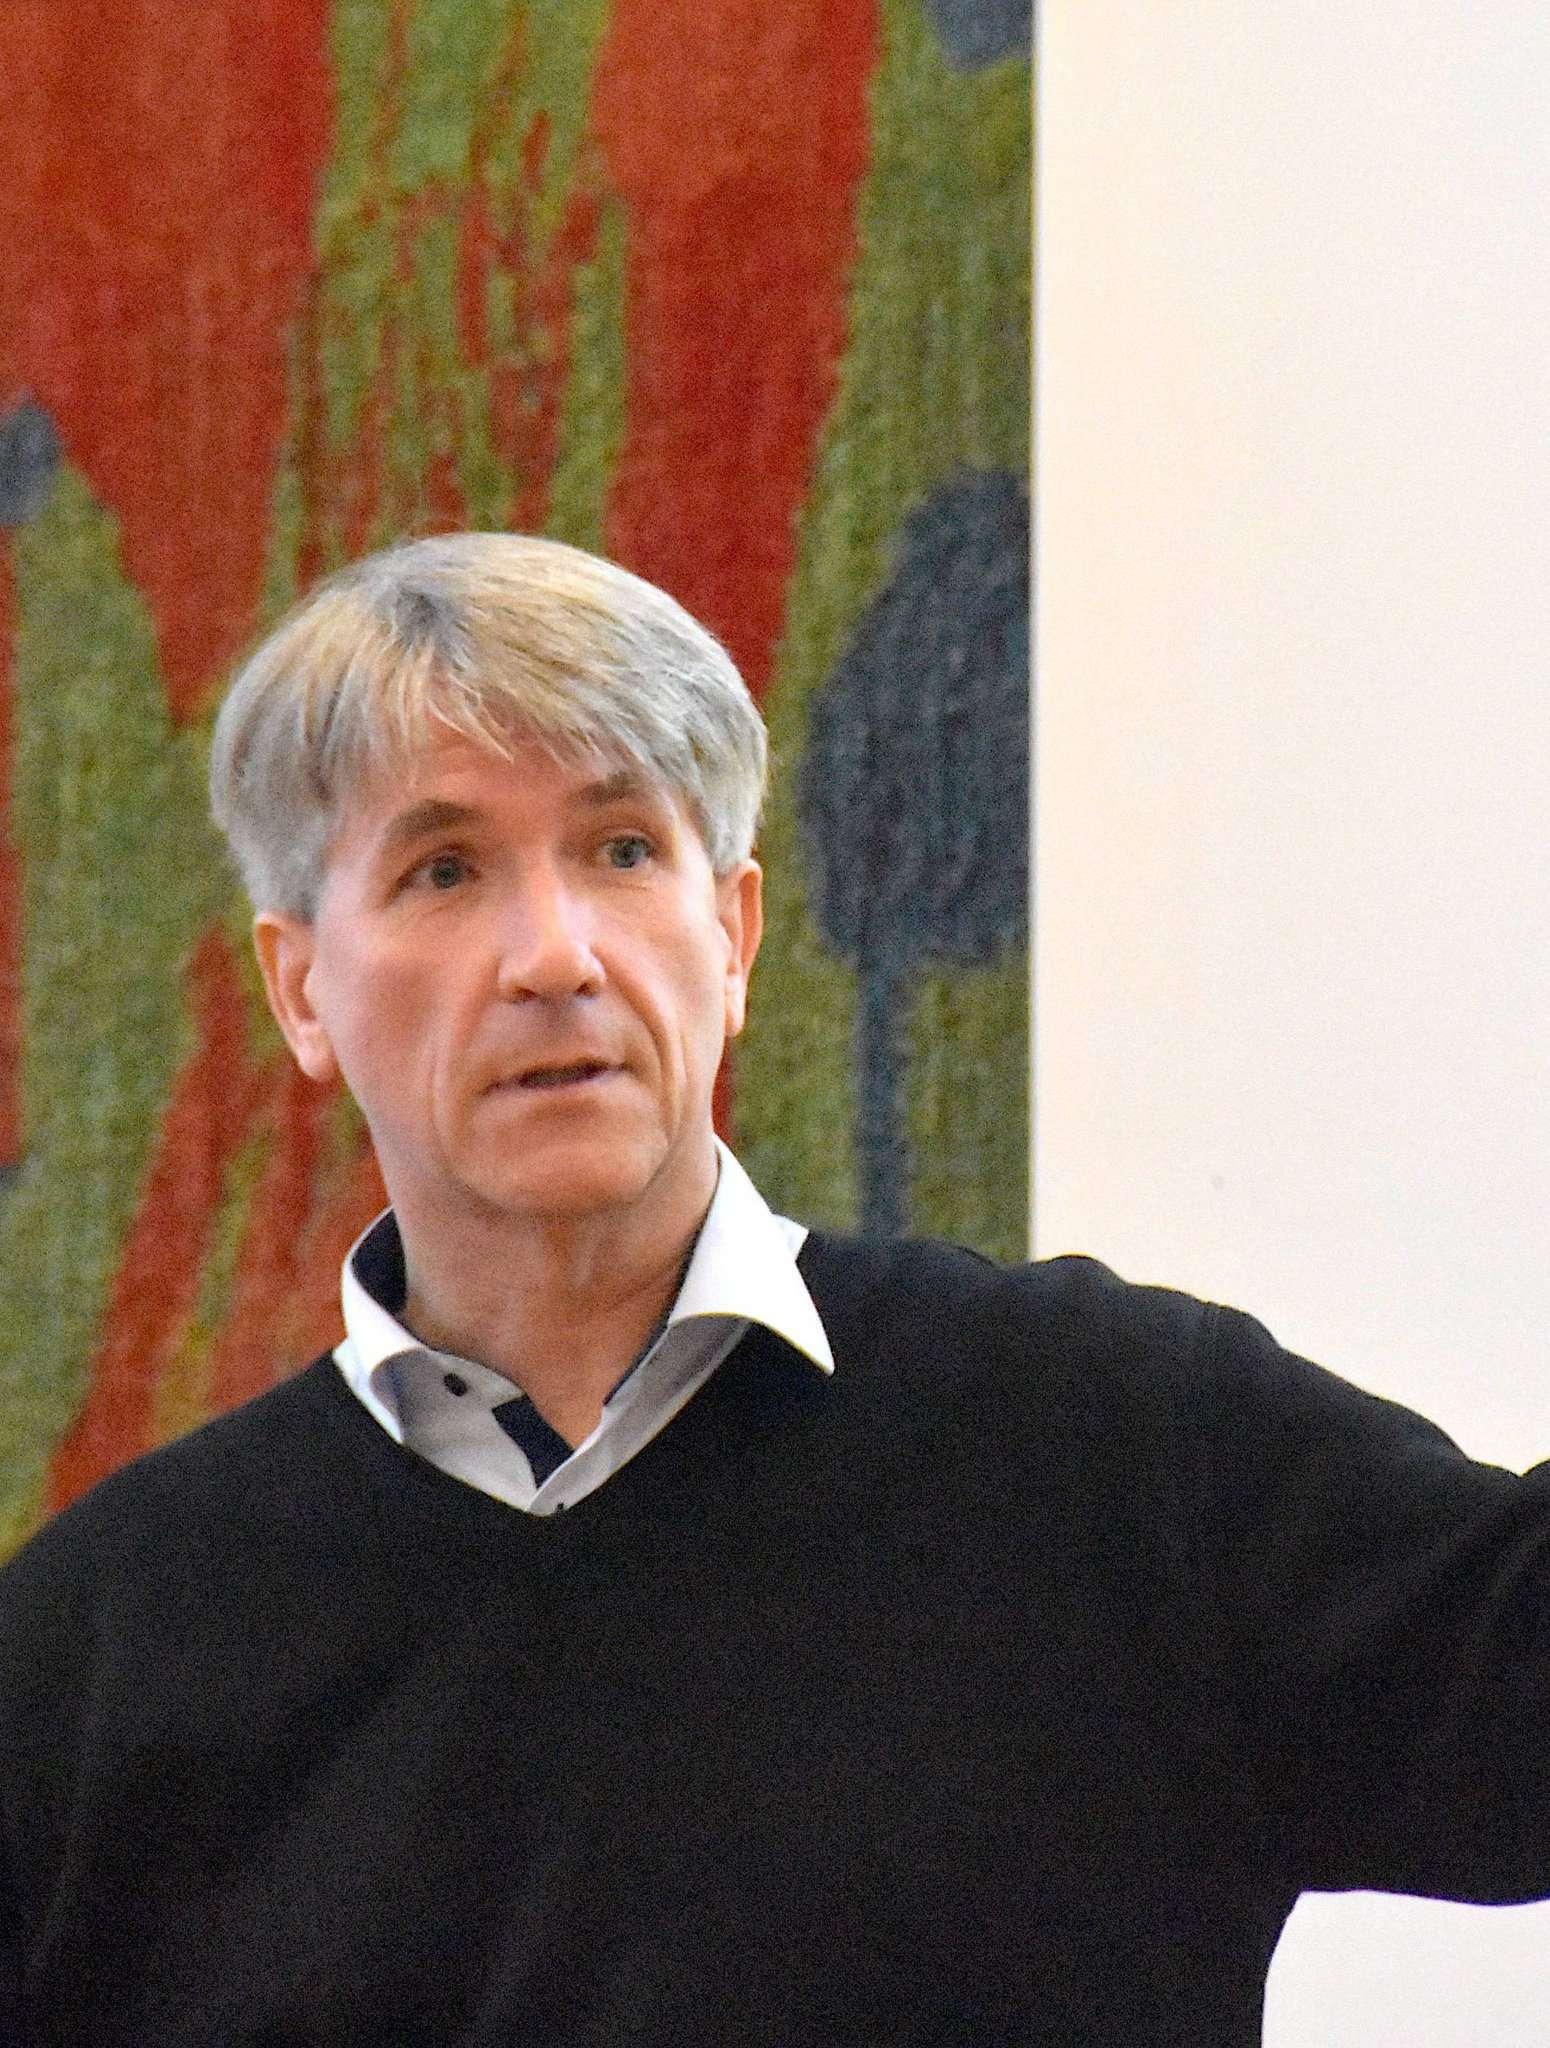 Jan Uwe Lammert, Spezialist für Nachhaltigkeitsberatung, freut sich über das Interesse.